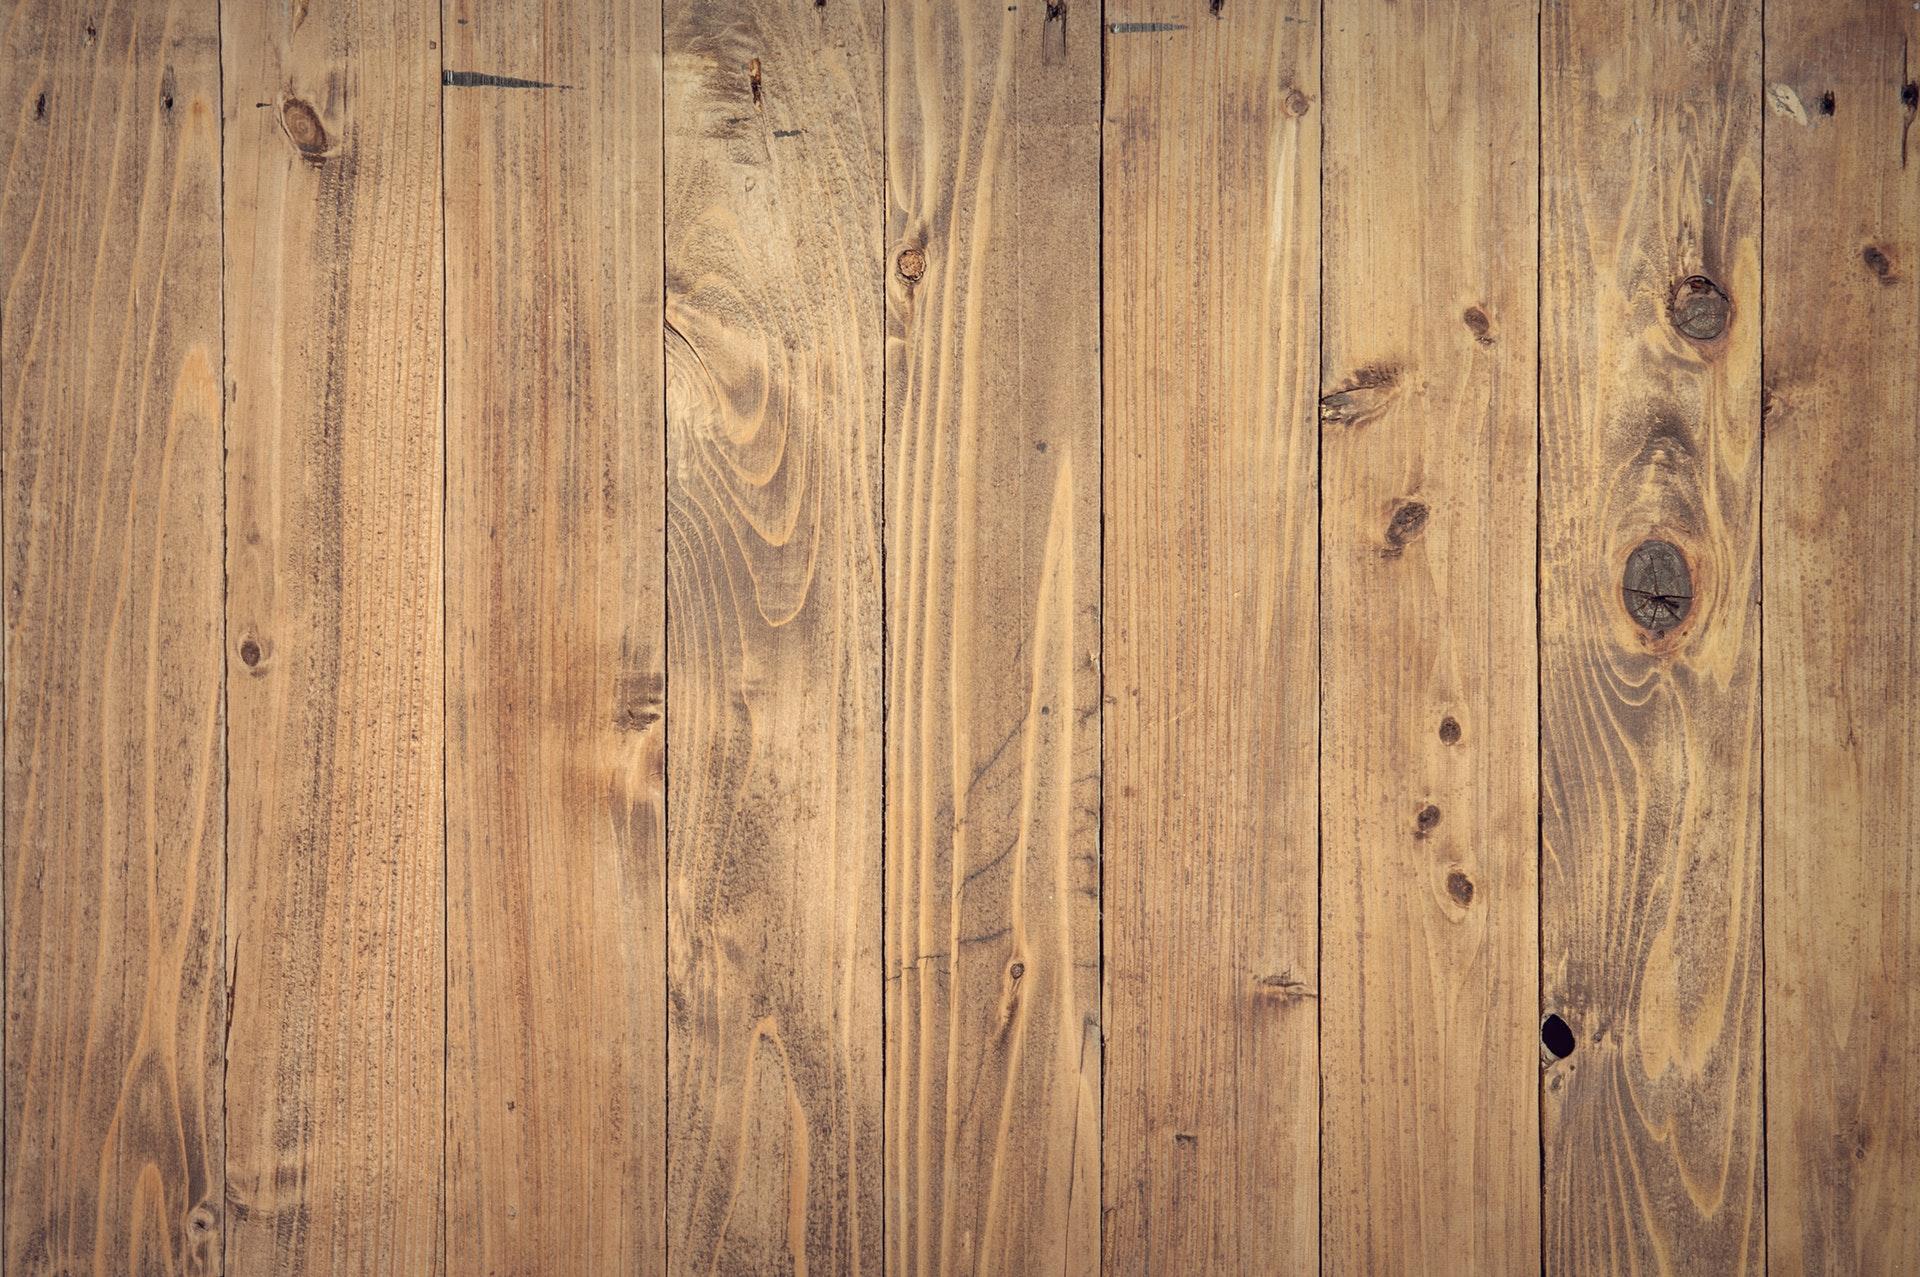 Welcher Fußboden soll es werden – Verschiedene Beläge für den Boden